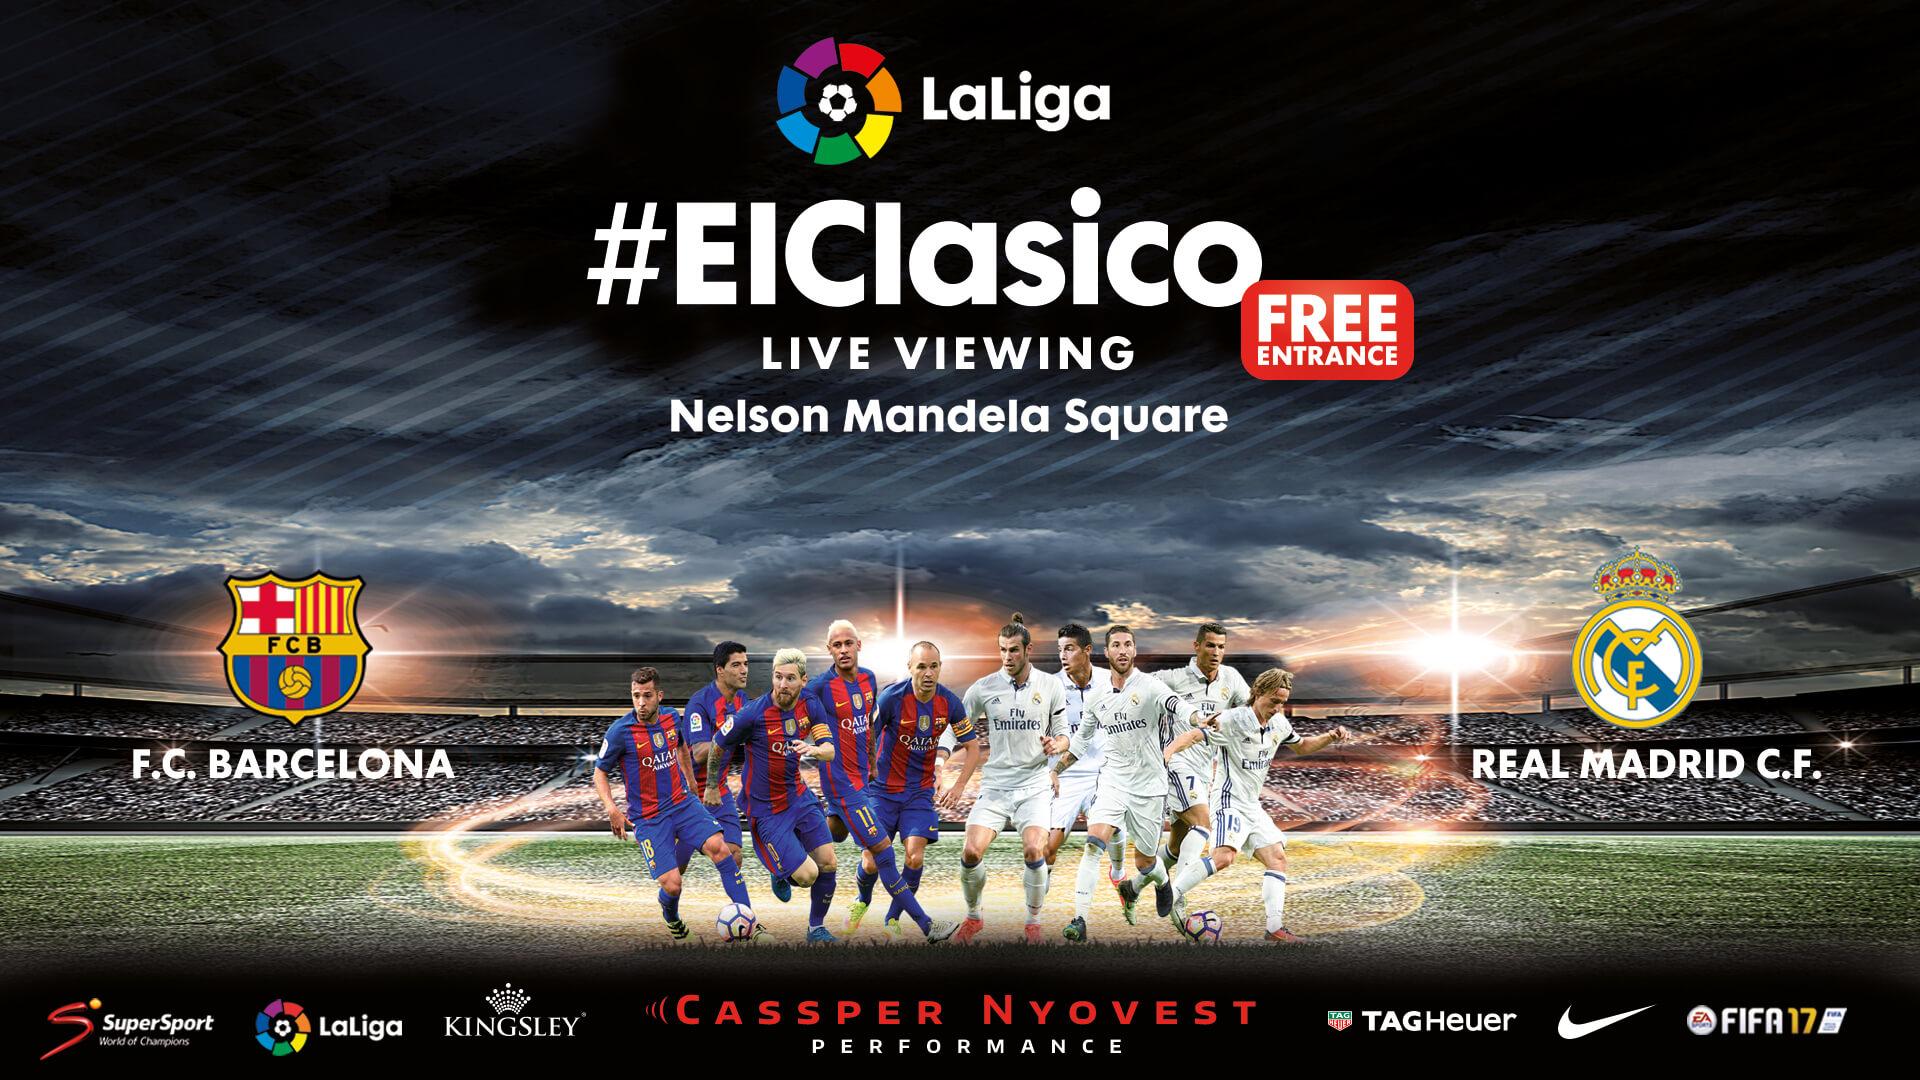 Laliga Bring Elclasico To Nelson Mandela Square Forwardzone